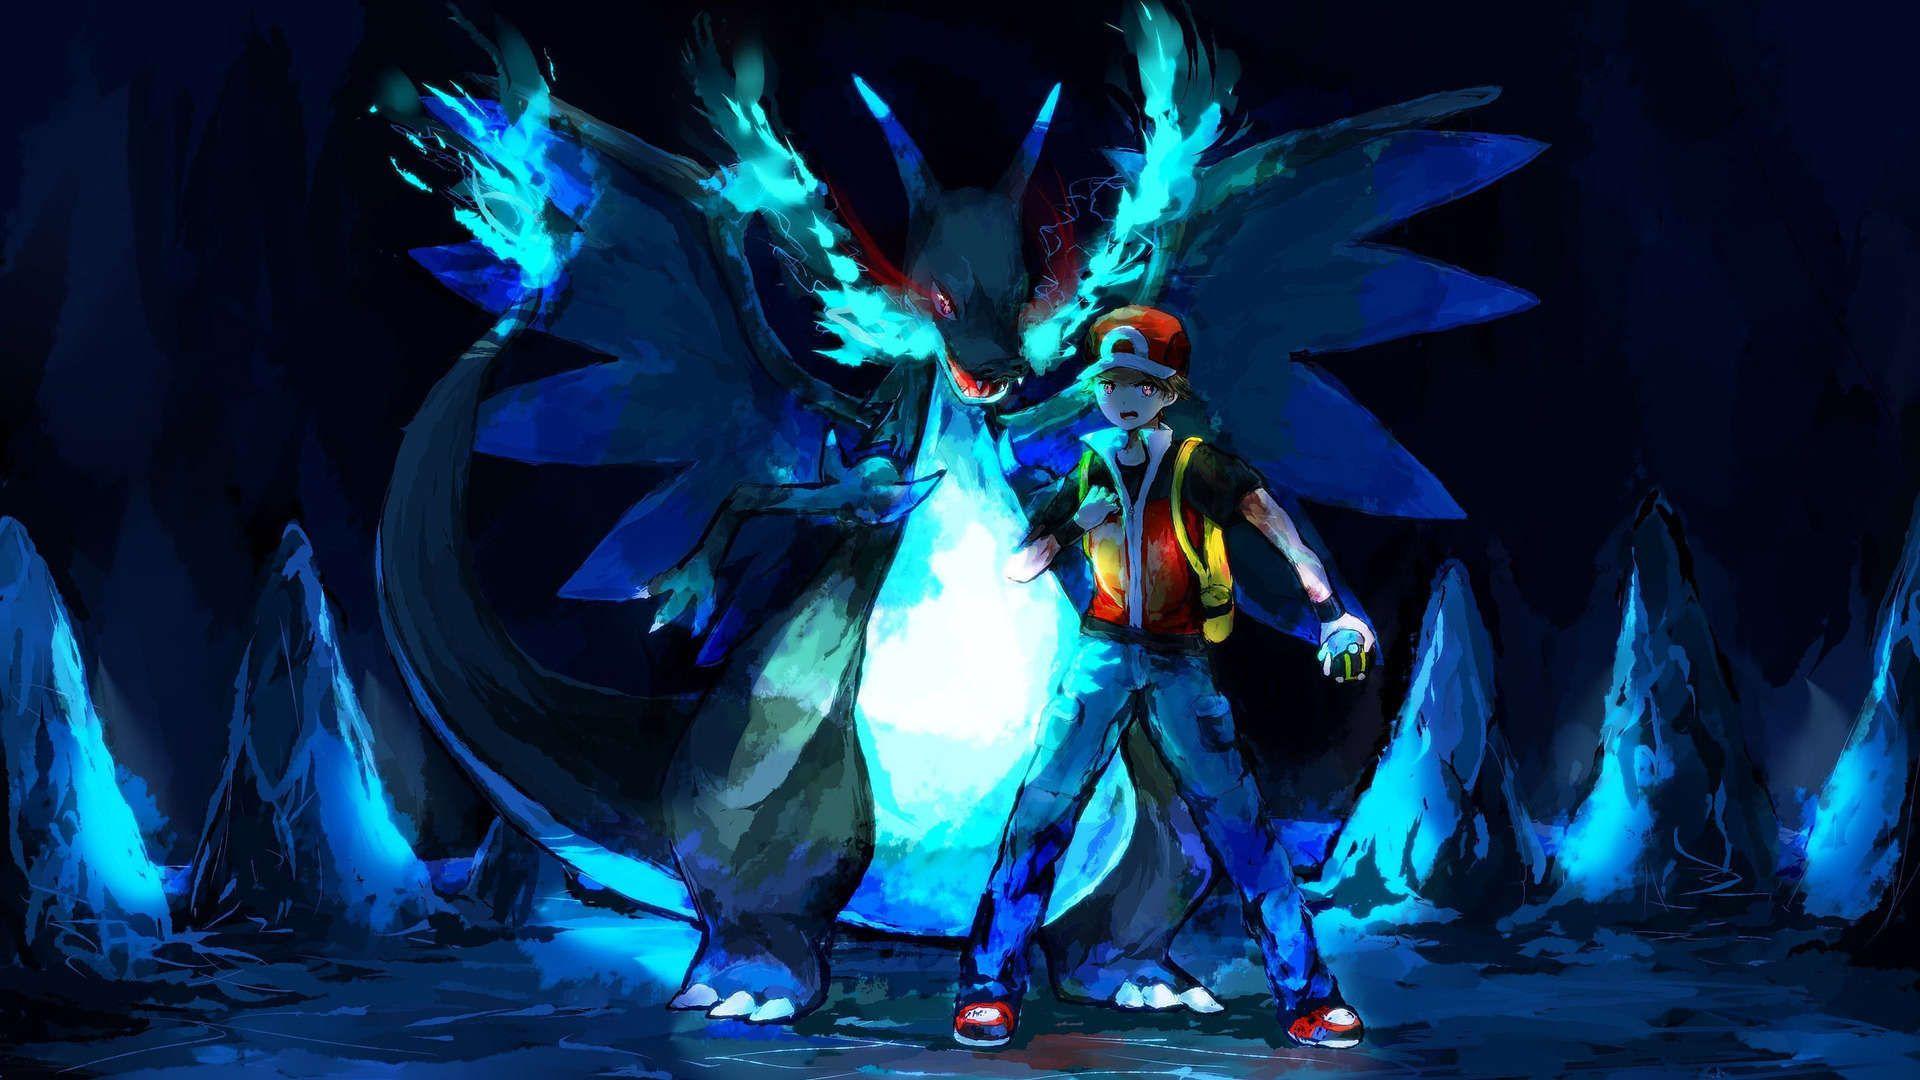 4k Pokemon Hd Wallpaper 1080p Imágenes De Pokemon Pokemon